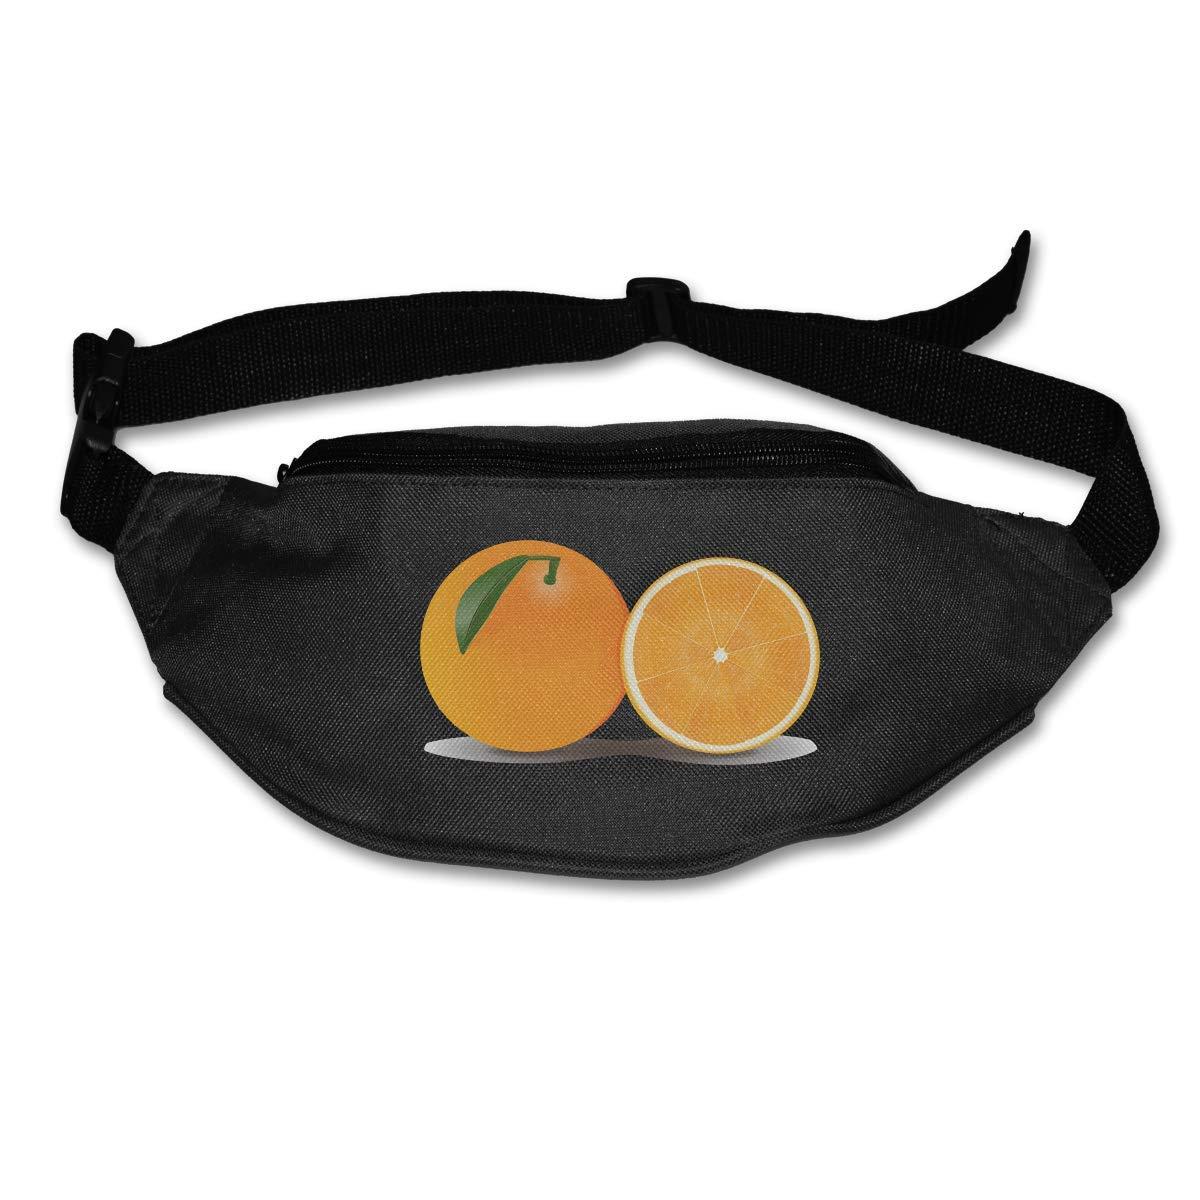 Waist Purse Orange Art Pattern Unisex Outdoor Sports Pouch Fitness Runners Waist Bags